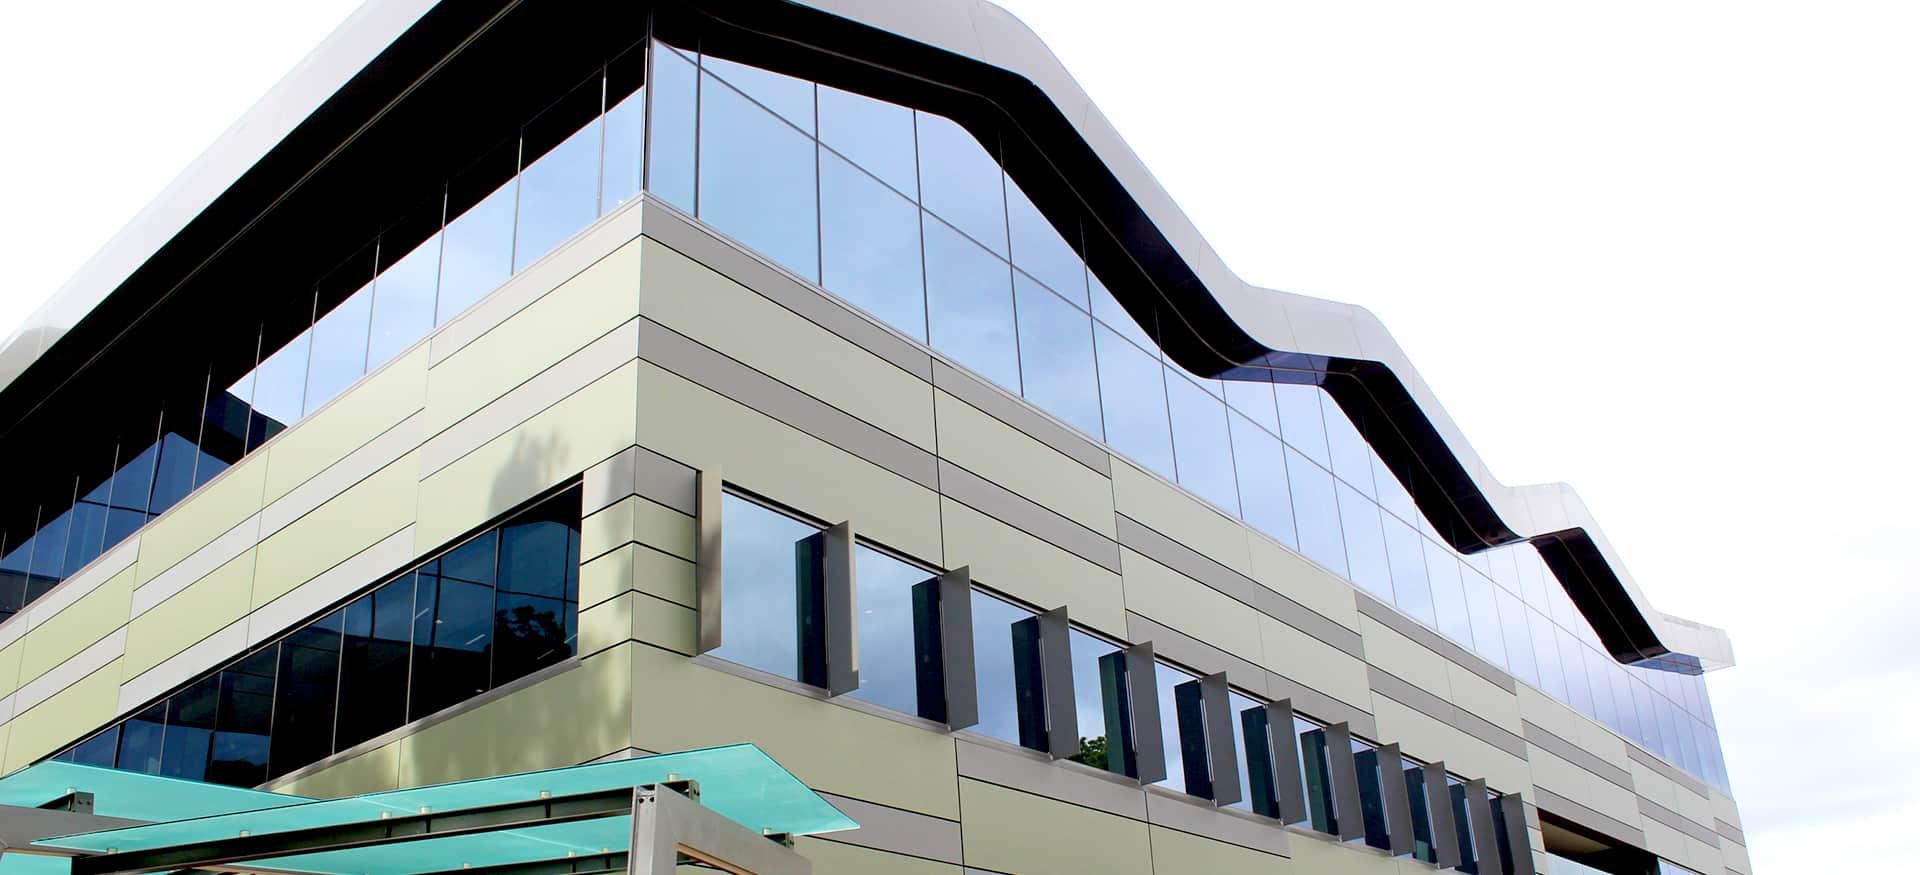 Orygen Hospital, Melbourne, Australia